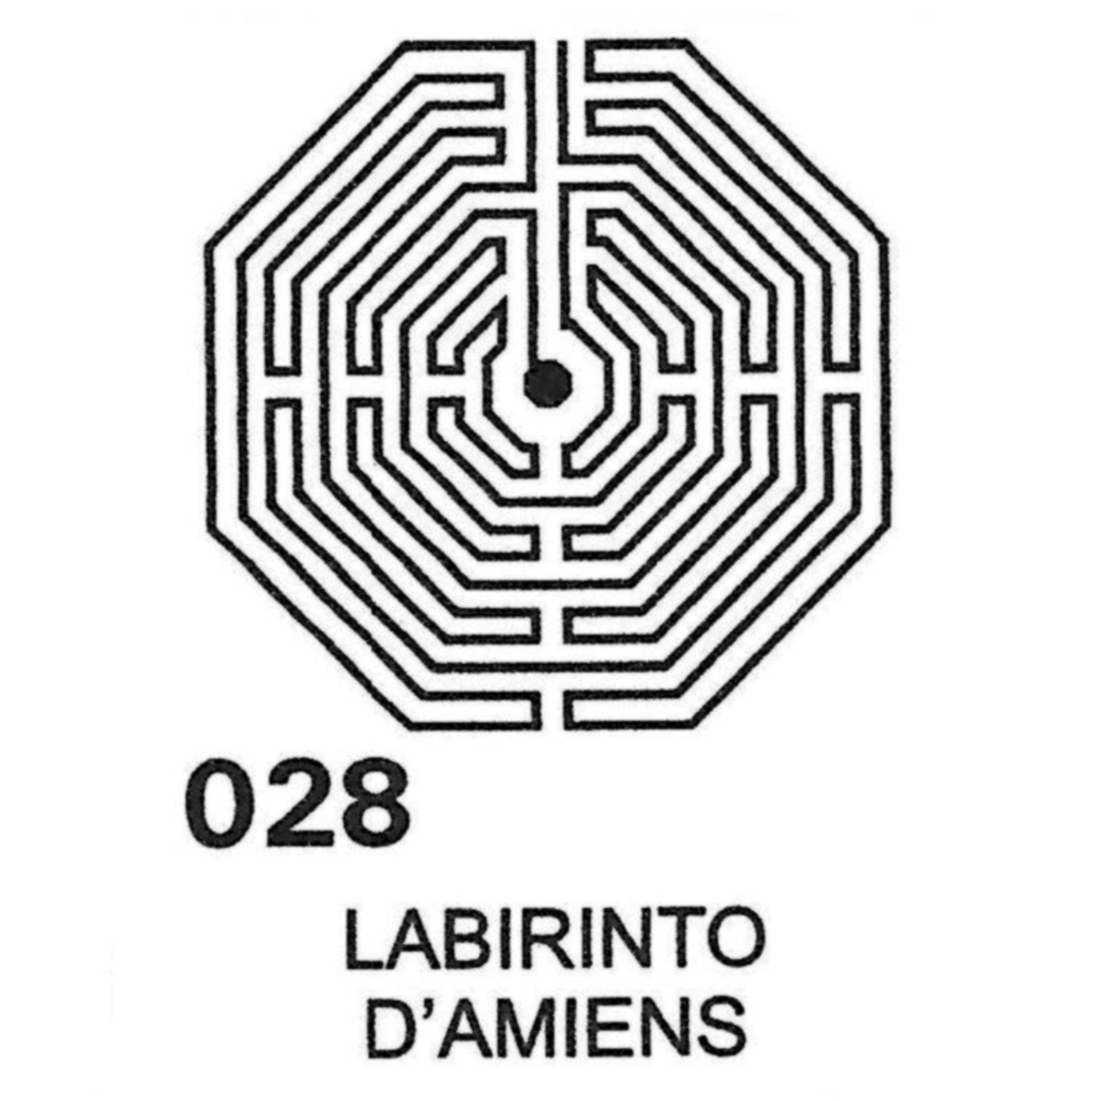 Labirinto d'Amiens PVC  -  Zots